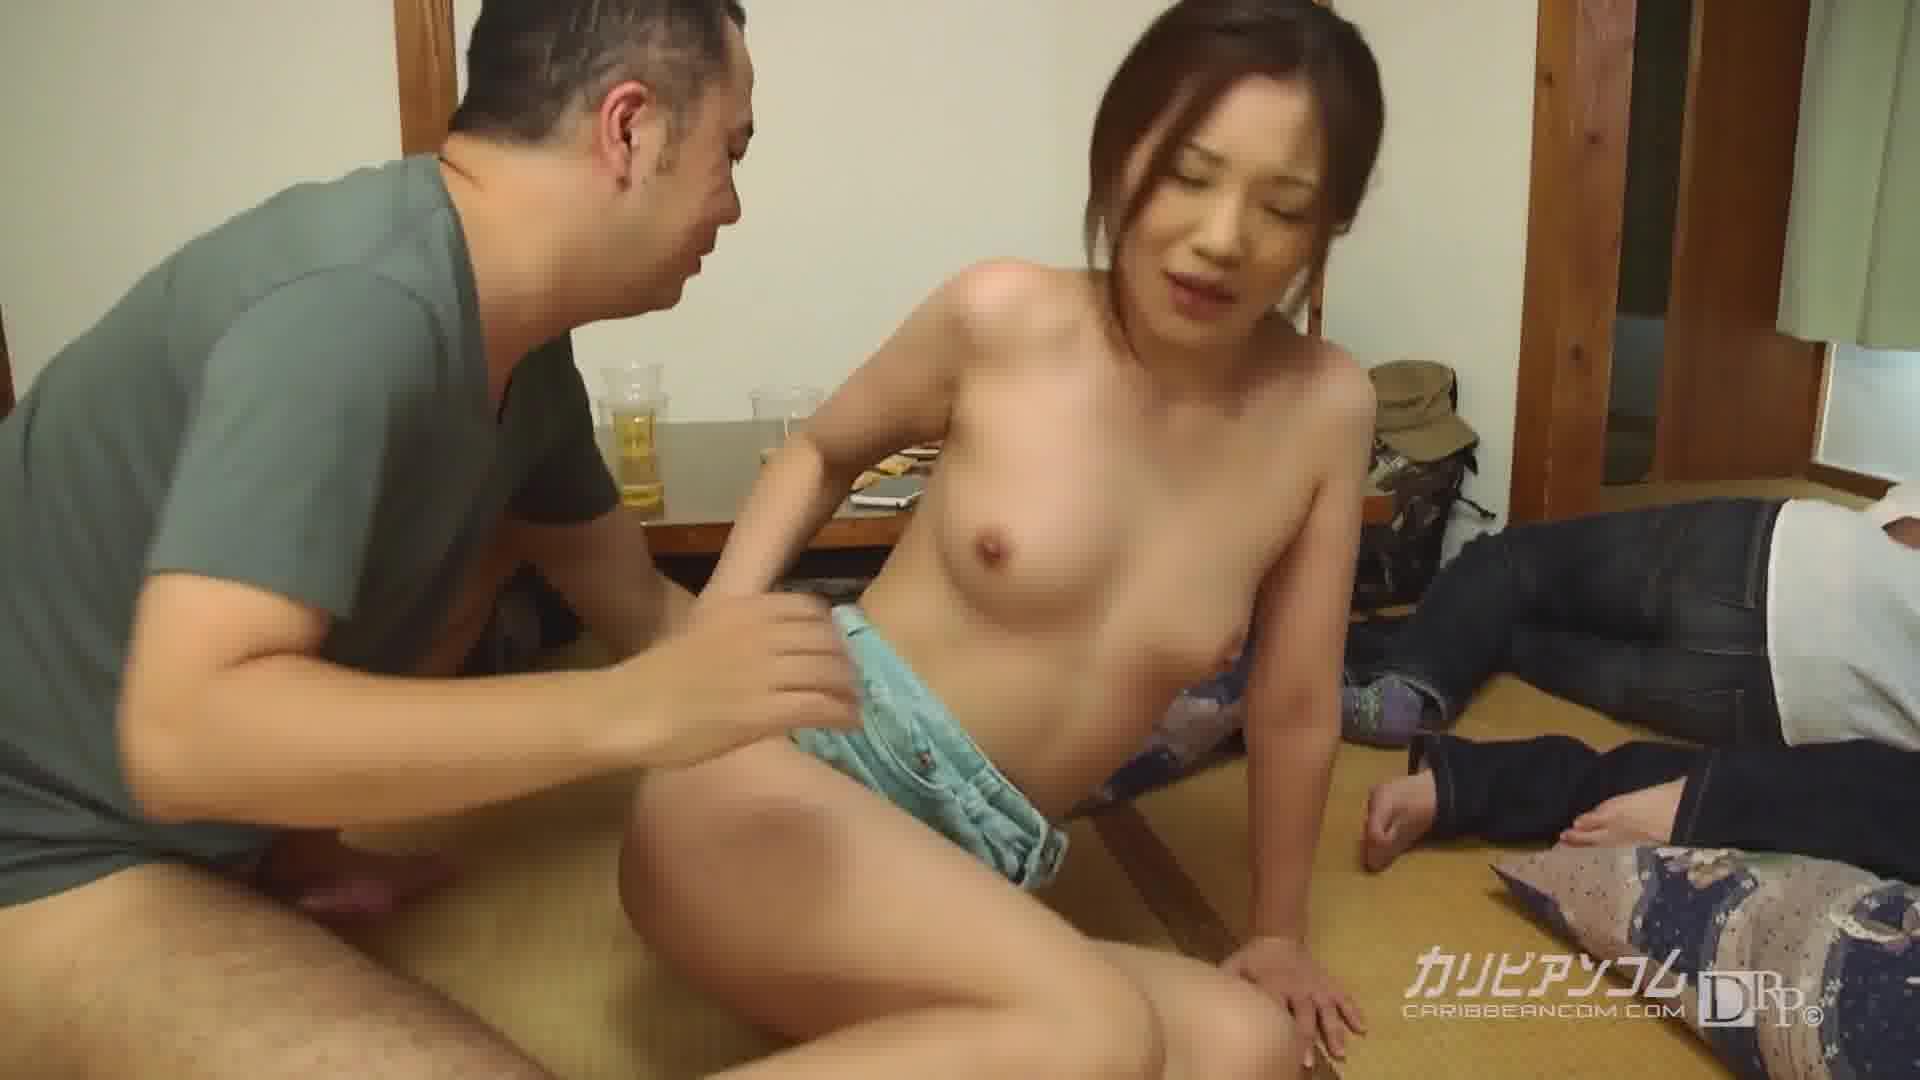 ほんとにあったHな話 27 - 中西愛美【巨乳・野外露出・青姦】